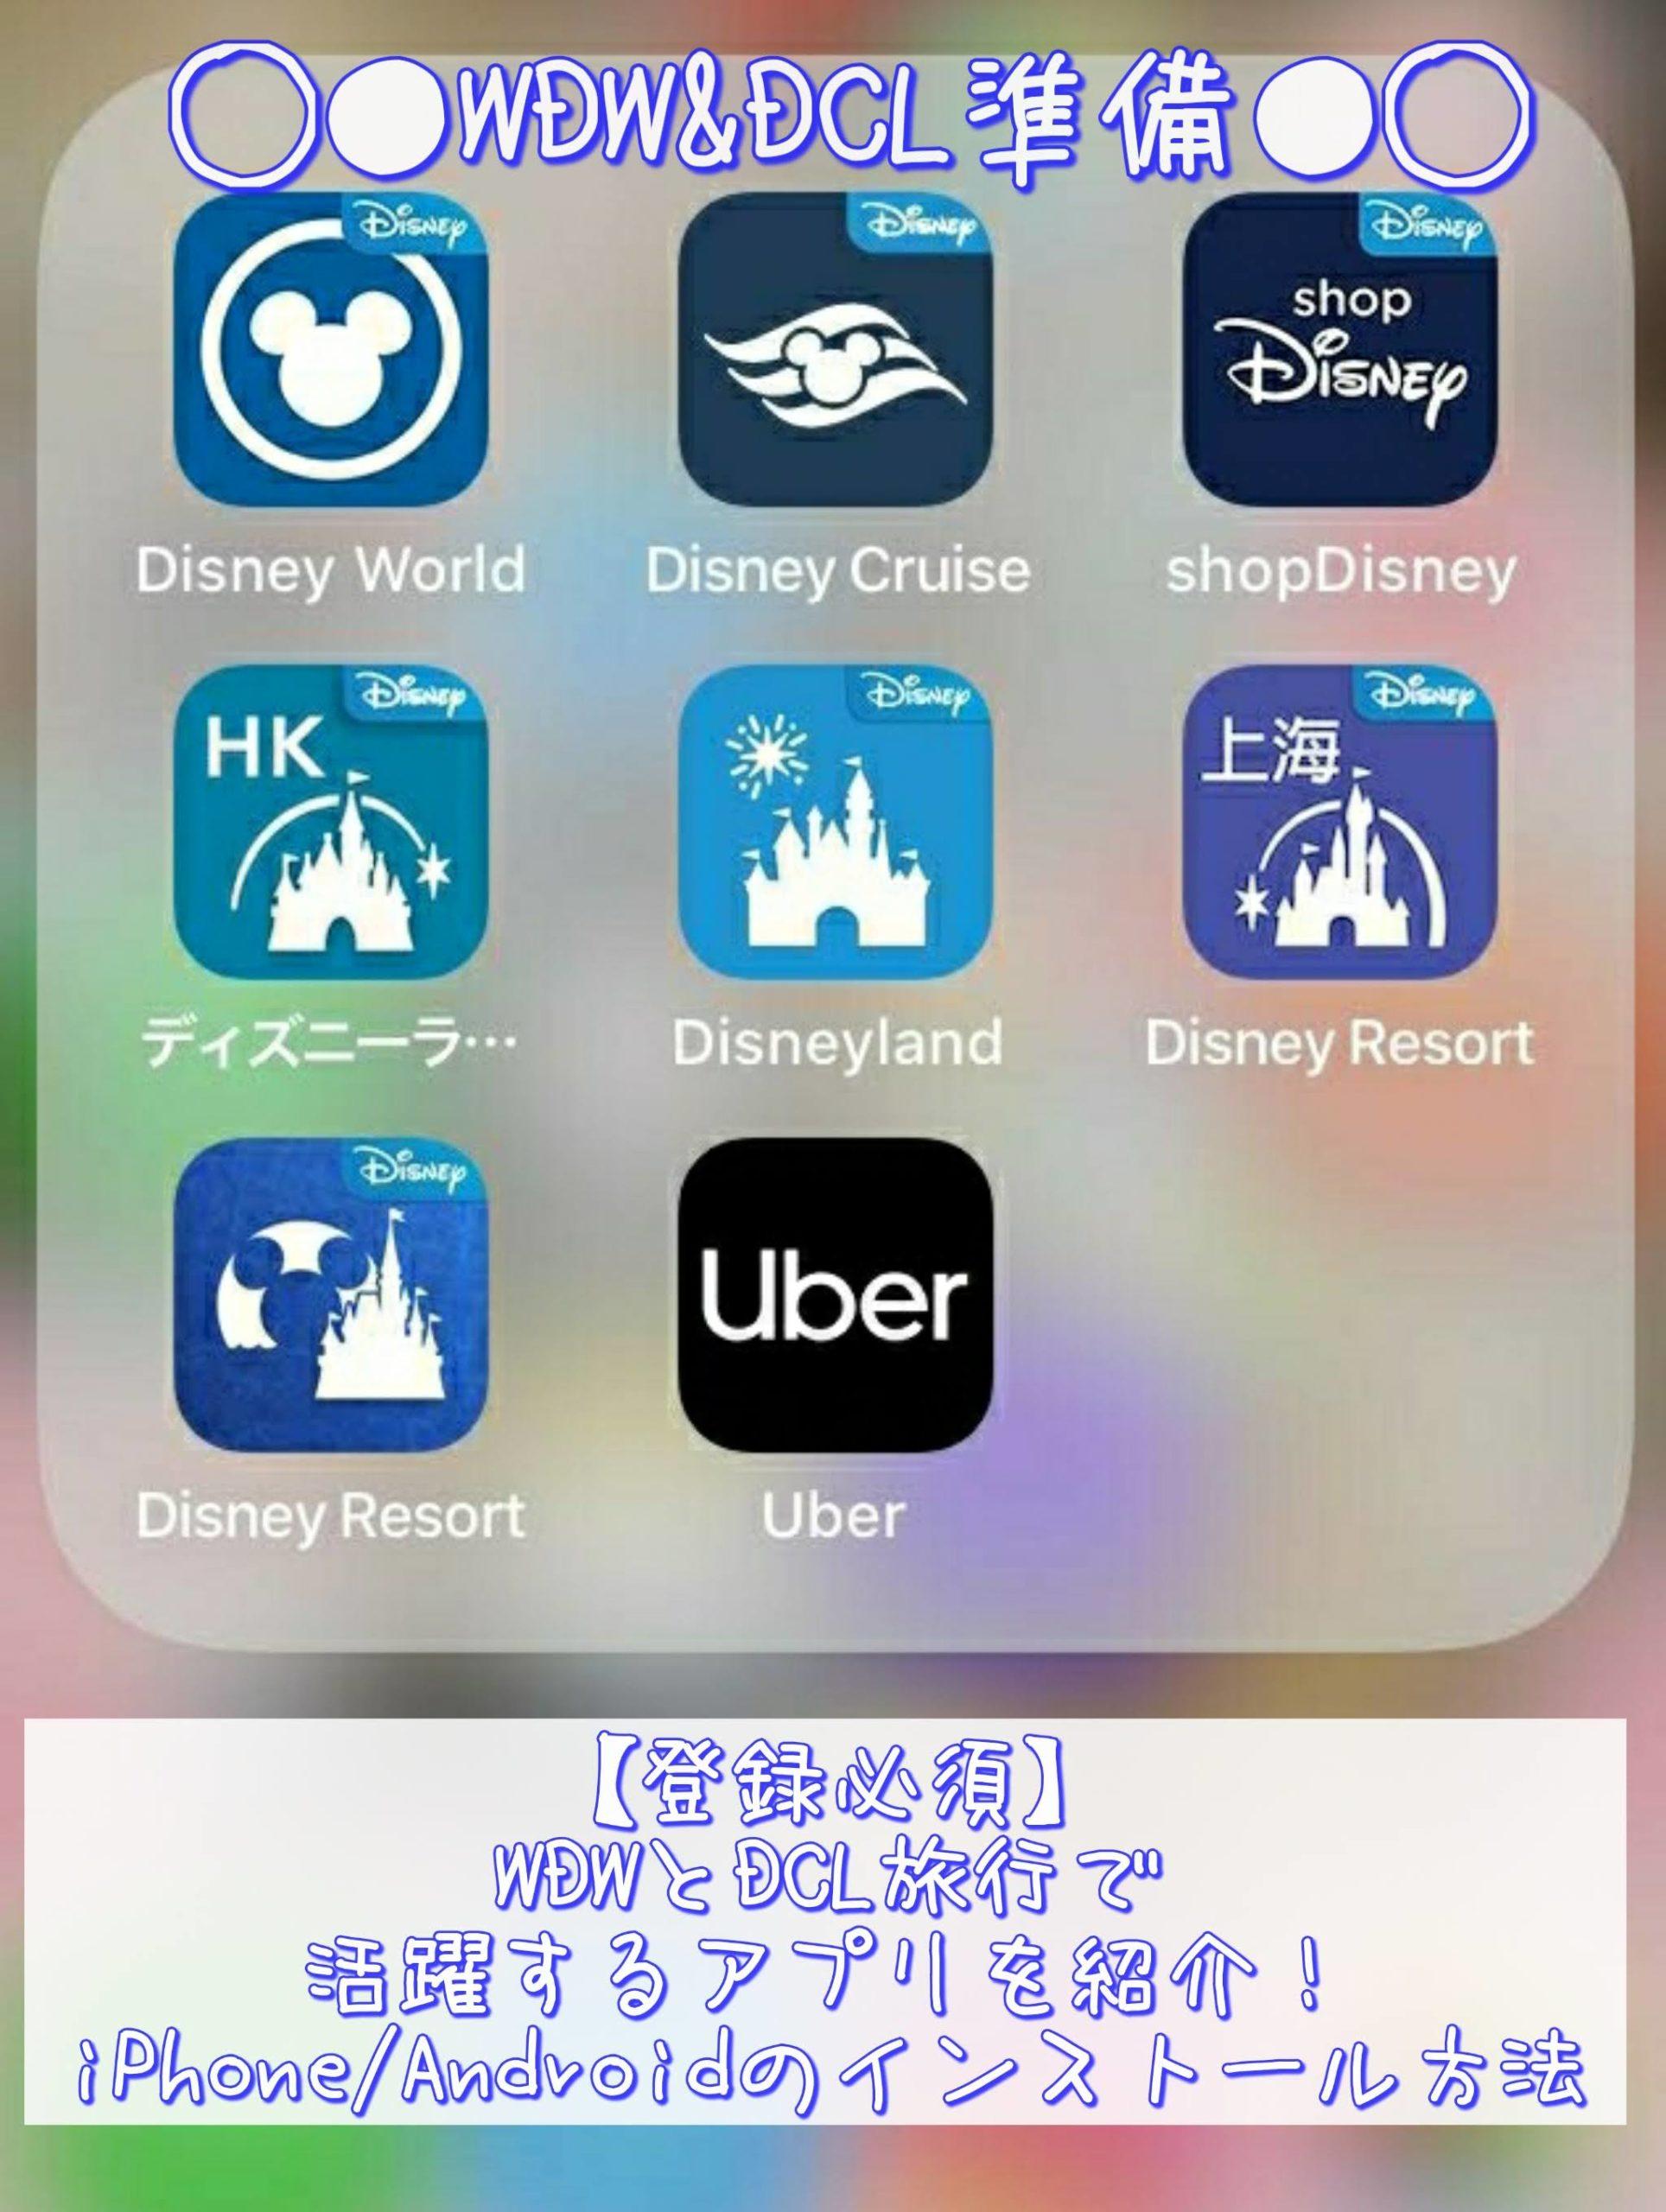 【登録必須】WDWとDCL旅行で活躍するアプリ!iphone/Androidのインストール方法を写真付きで紹介